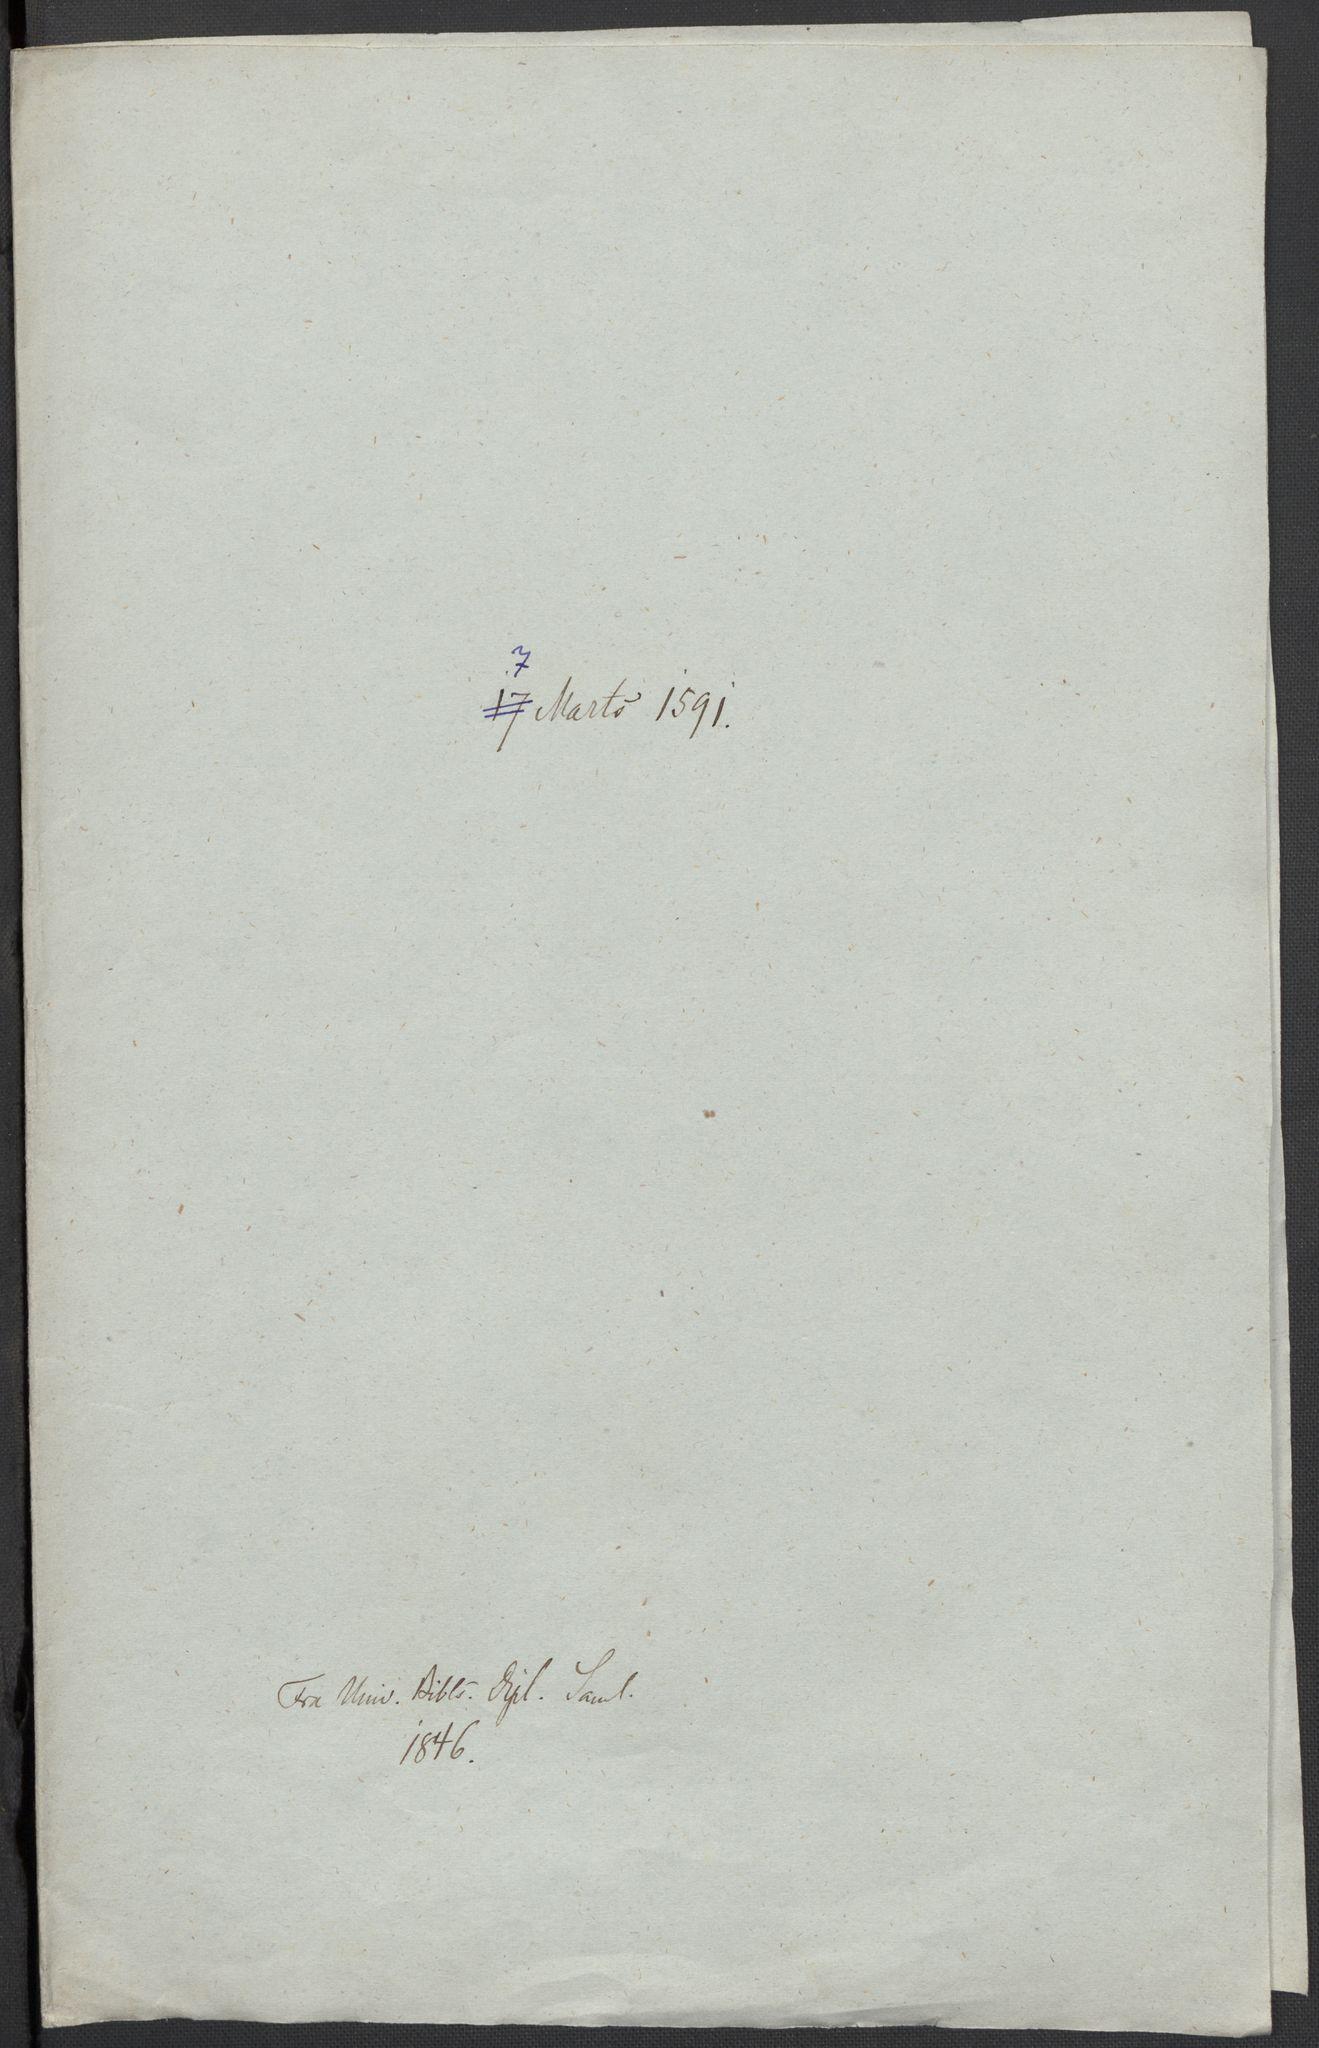 RA, Riksarkivets diplomsamling, F02/L0093: Dokumenter, 1591, s. 51